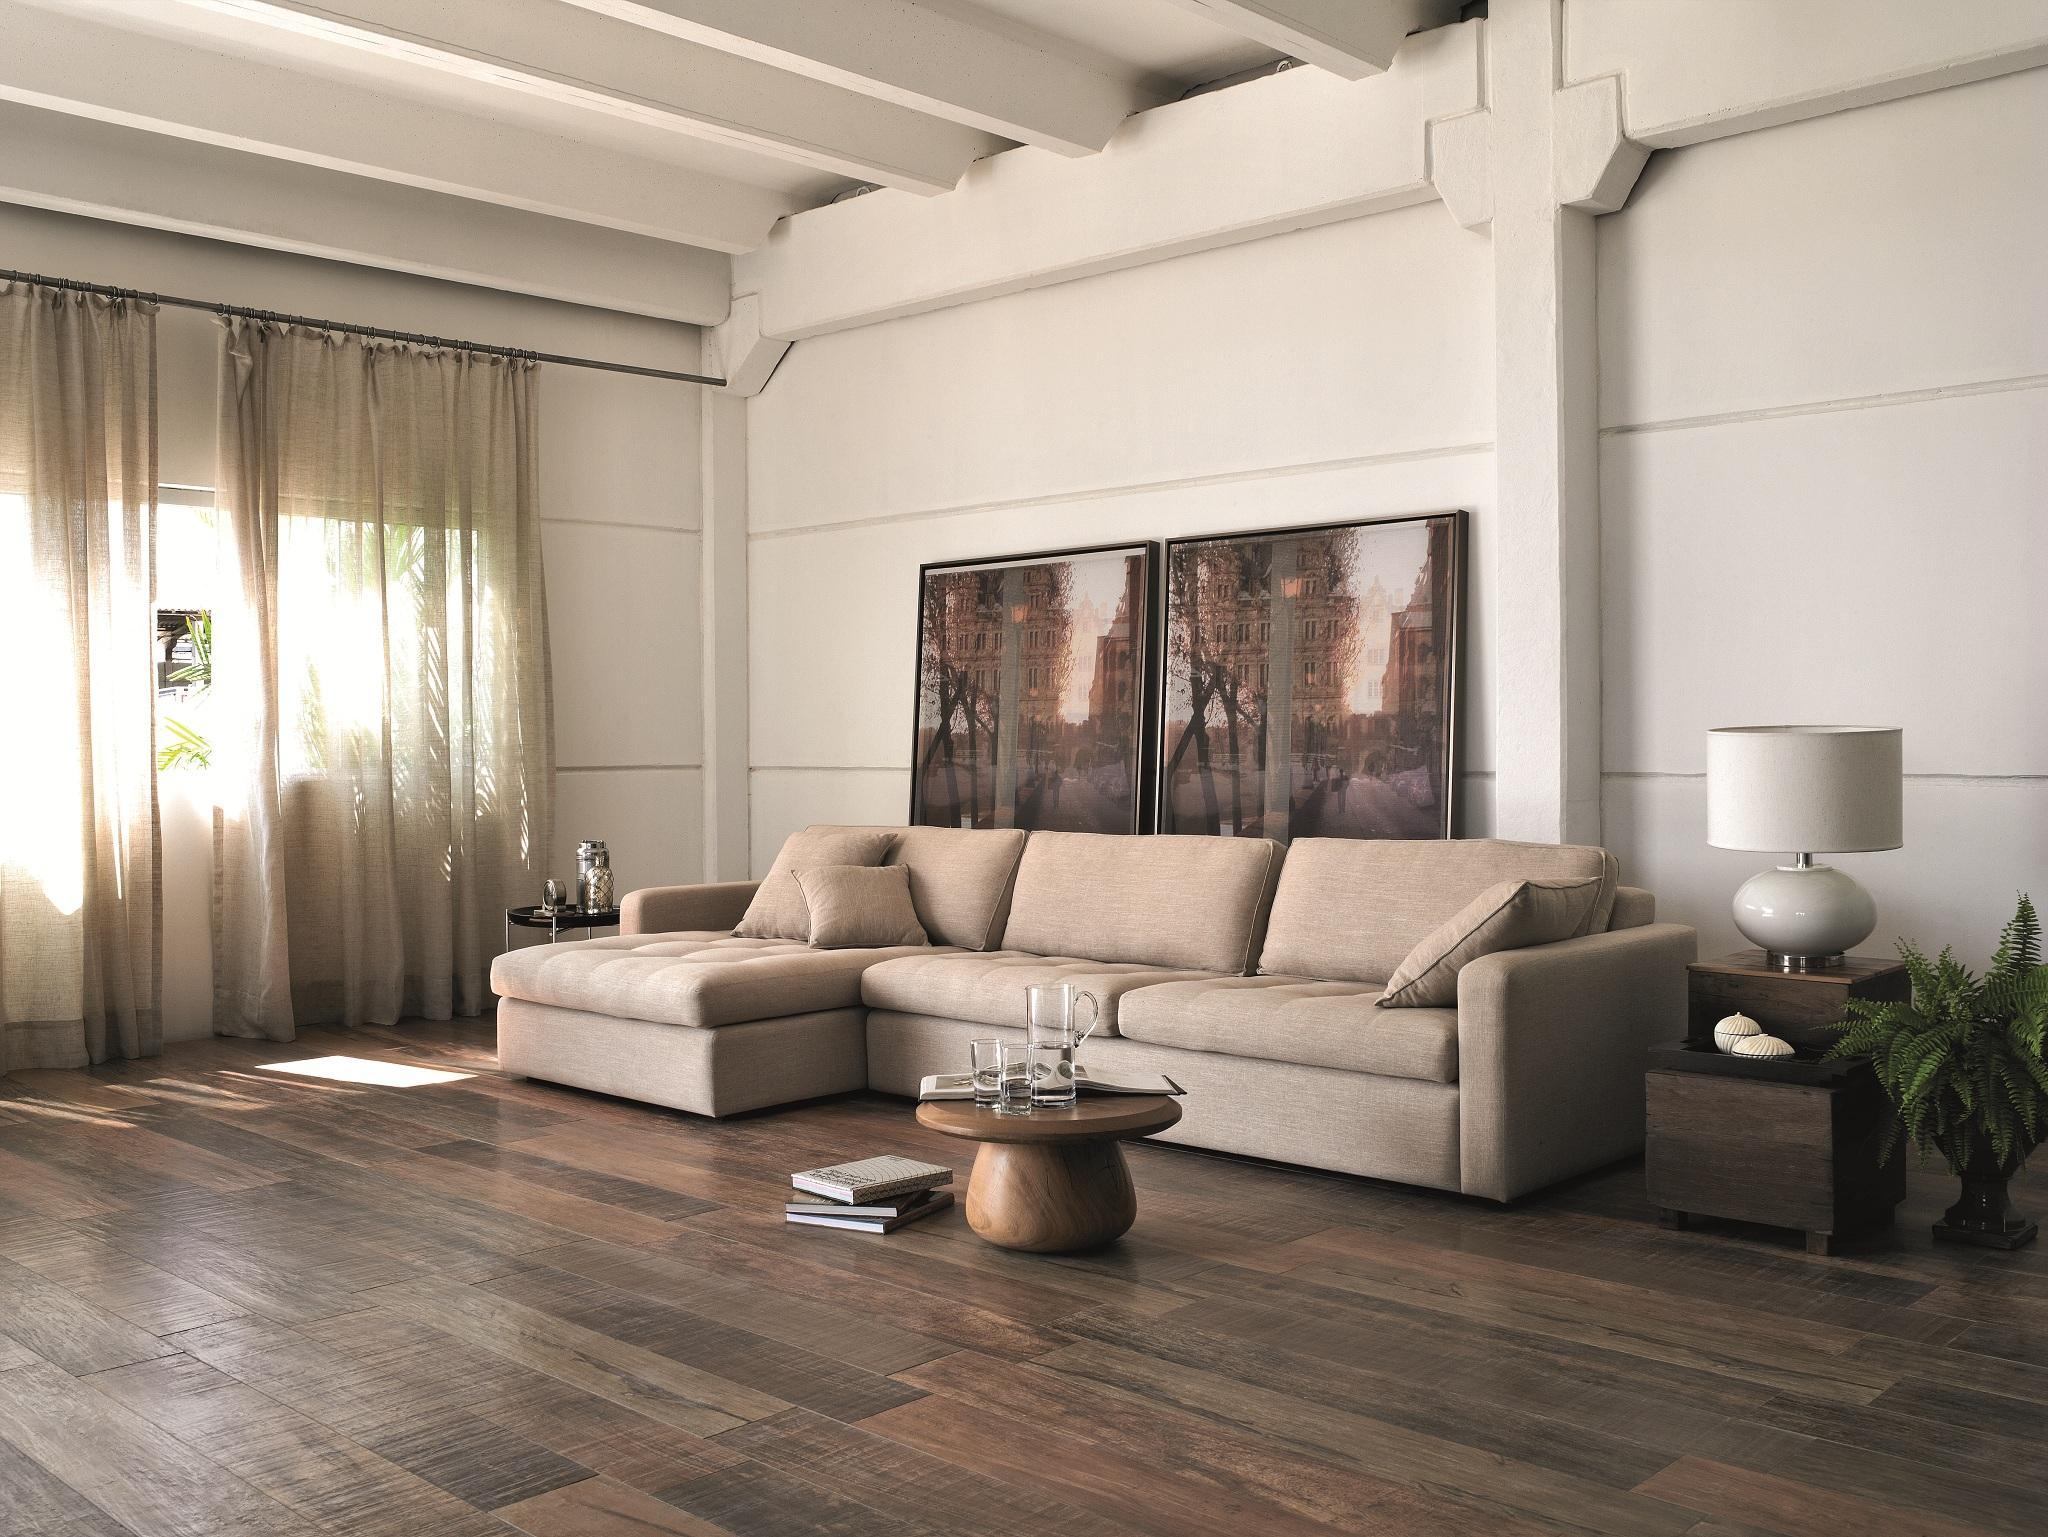 Pisos que imitam madeira 60 fotos e ideias for Sala de estar de madera